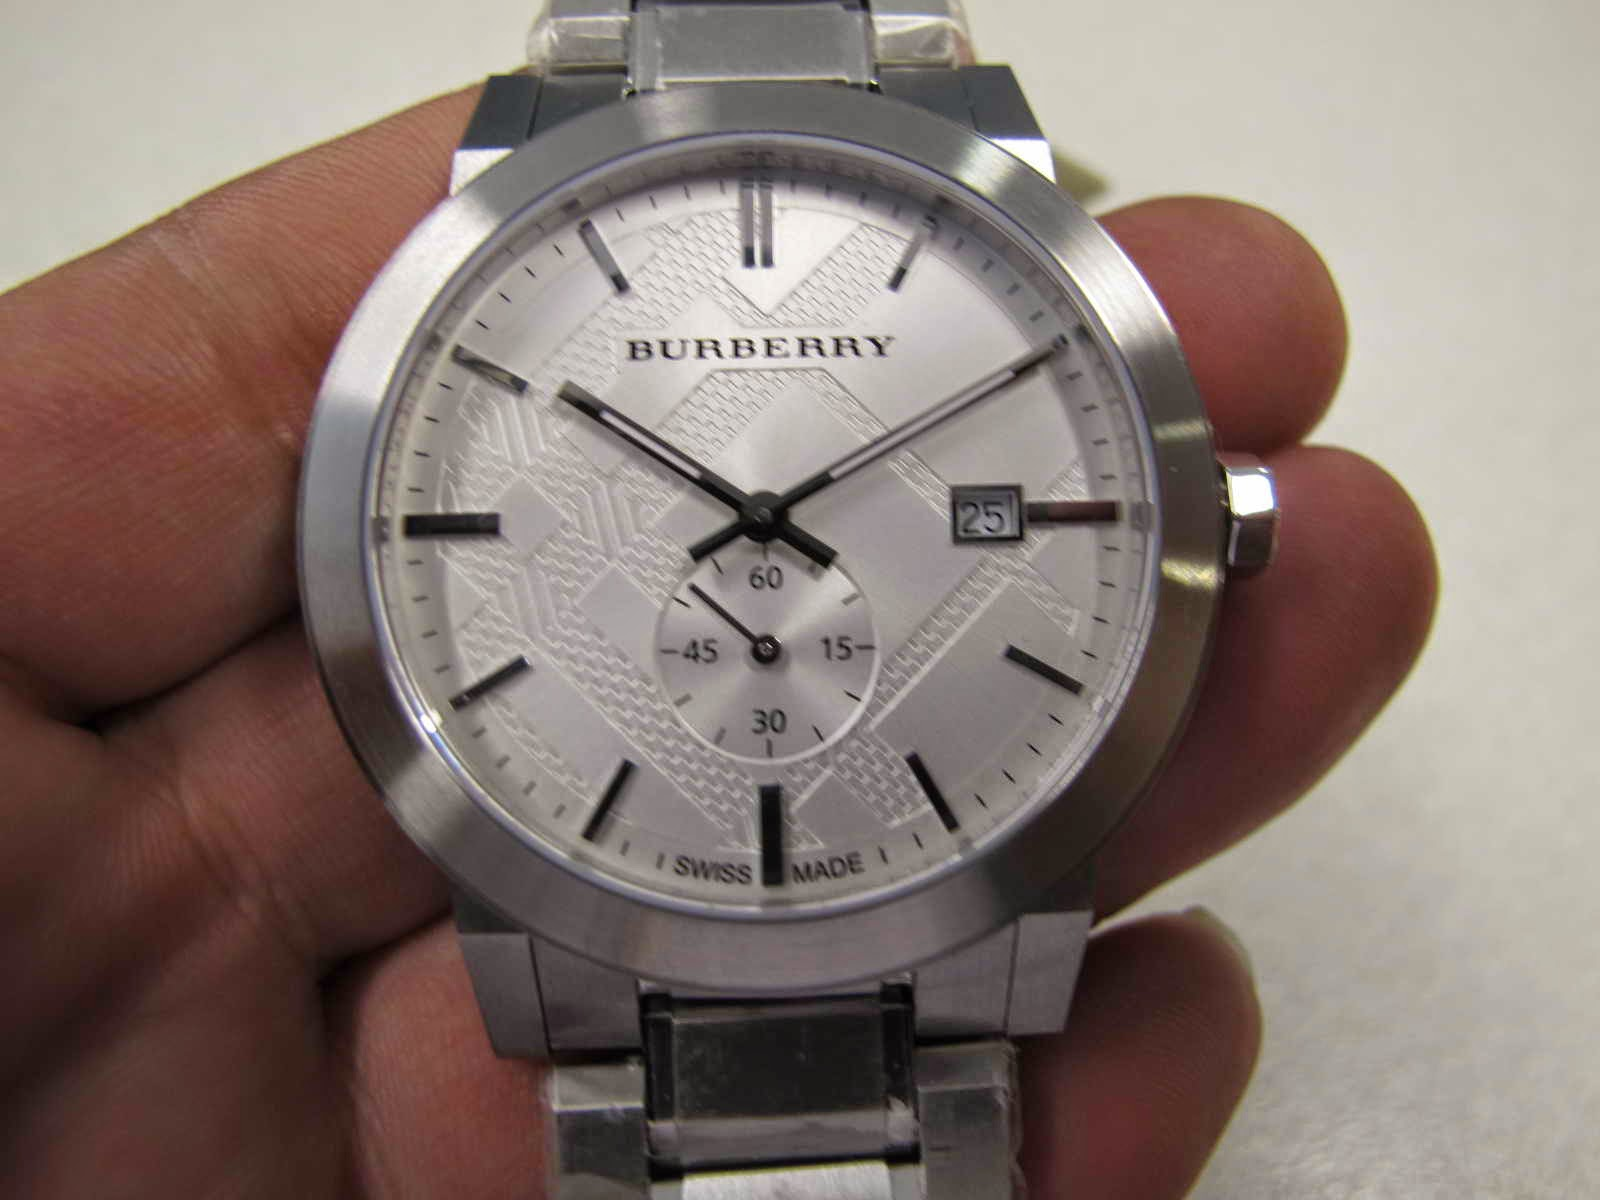 Cocok untuk Anda yang sedang mencari jam tangan dengan warna dial putih  bertekstur.... sub second... BURBERRY SUB SECOND. be2d326233